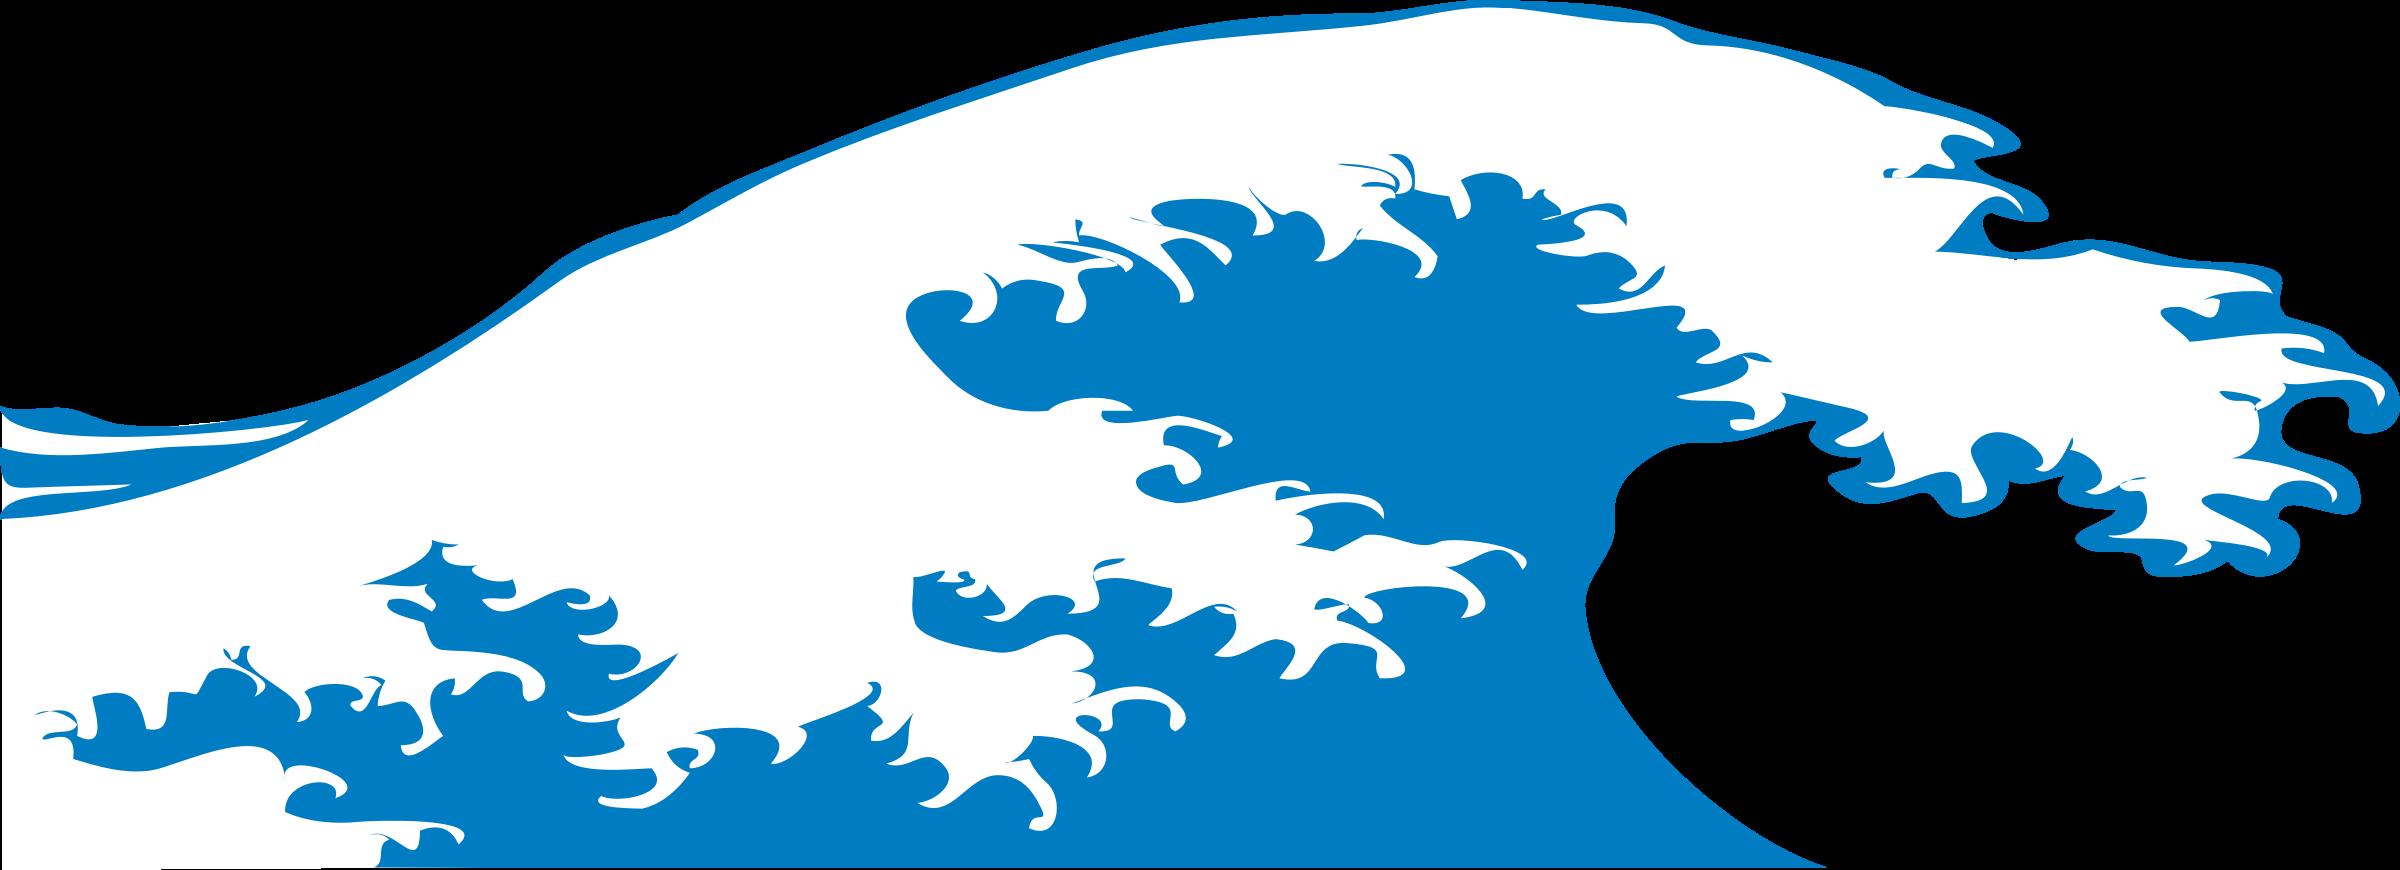 Ocean clipart ocean water. Sea png image purepng